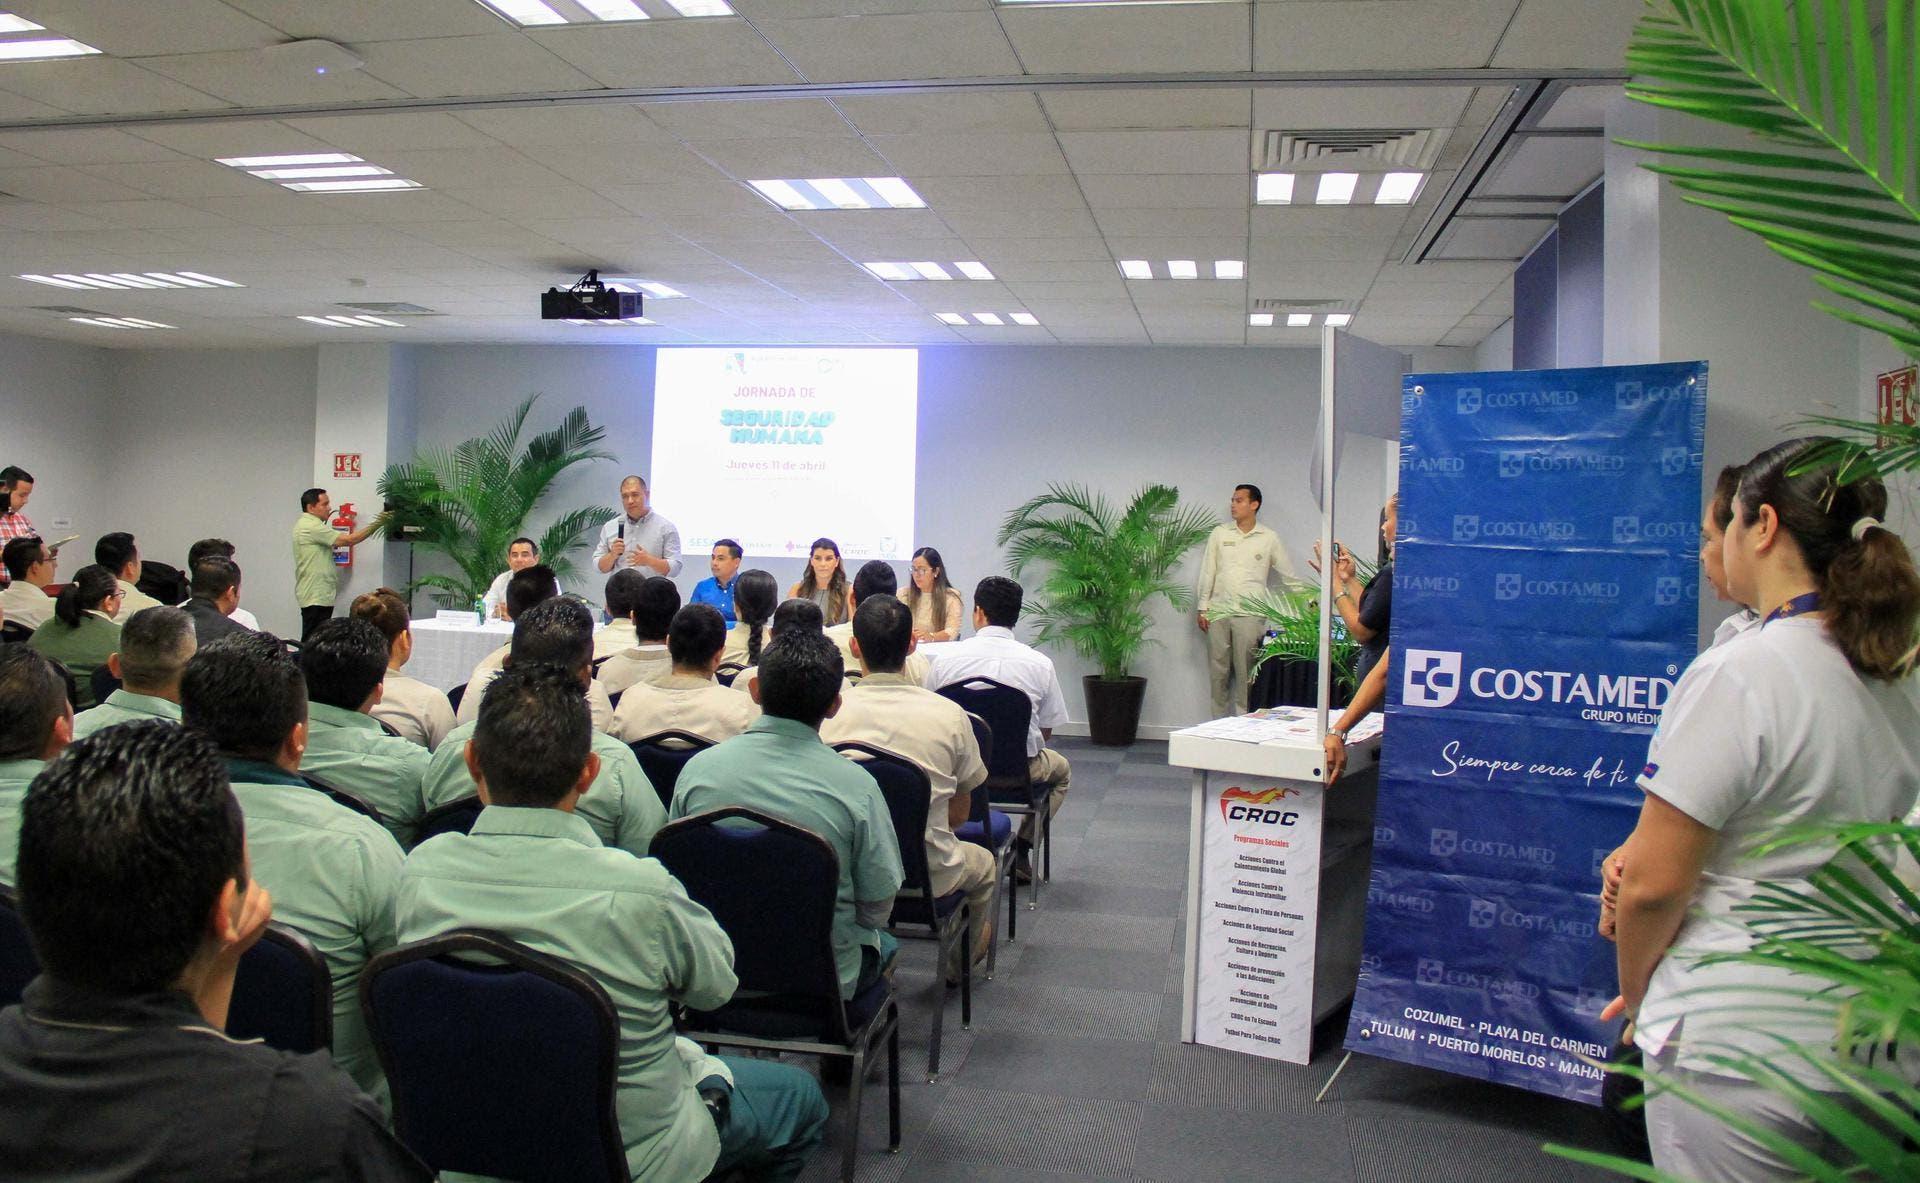 Costamed Grupo Médico participó en la primera etapa de las Jornadas de Seguridad Humana